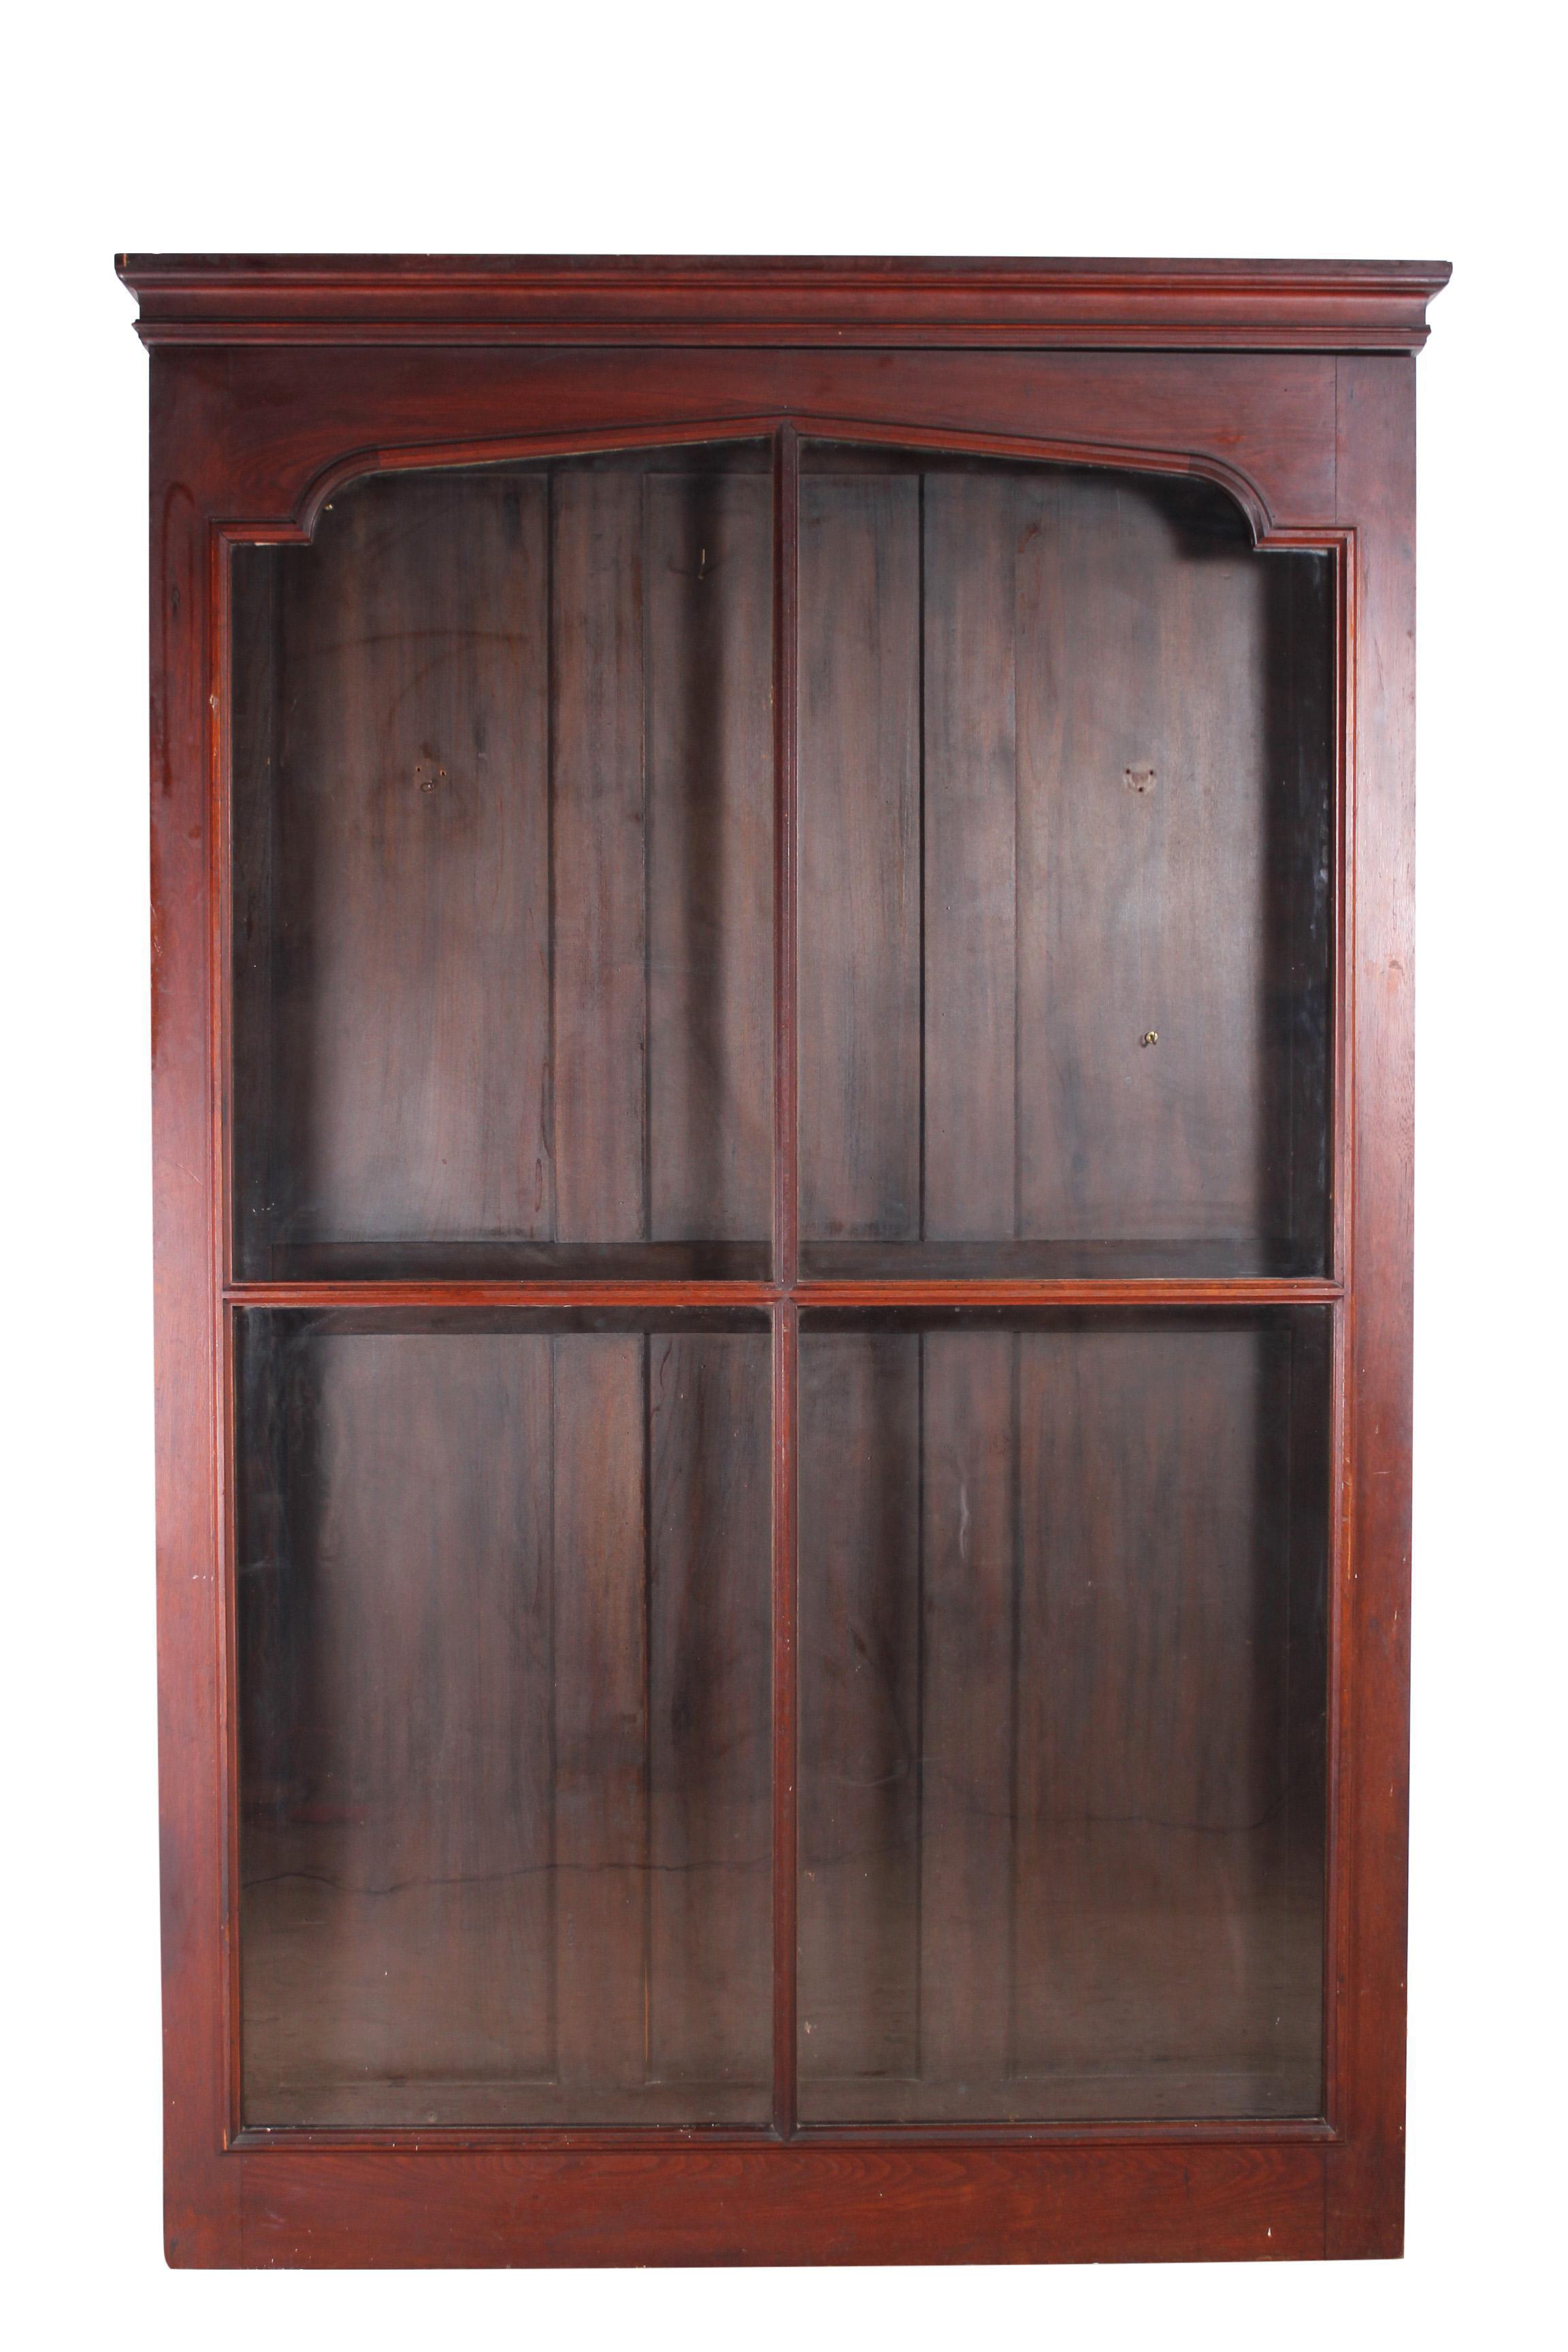 Victorian Black Walnut Wall Display Cabinet  sc 1 st  Chairish & Victorian Black Walnut Wall Display Cabinet | Chairish